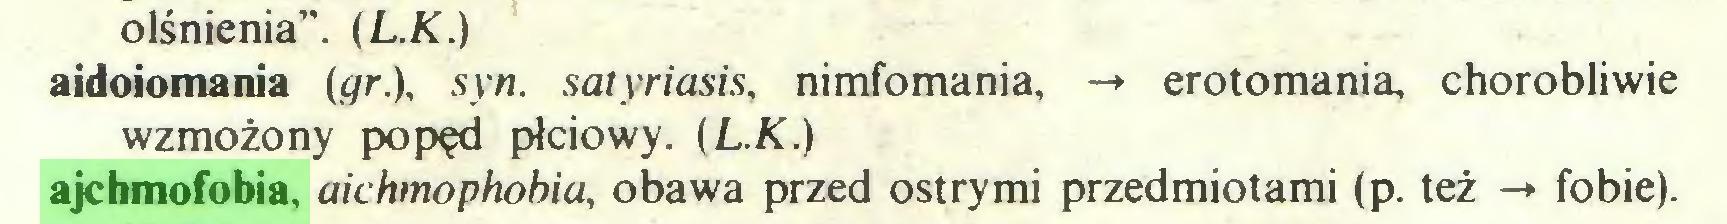 """(...) olśnienia"""". (L.K.) aidoiomania igr.), syn. satyriasis, nimfomania, -* erotomania, chorobliwie wzmożony popęd płciowy. {L.K.) ajchmofobia, aichmophobia, obawa przed ostrymi przedmiotami (p. też -*• fobie)..."""